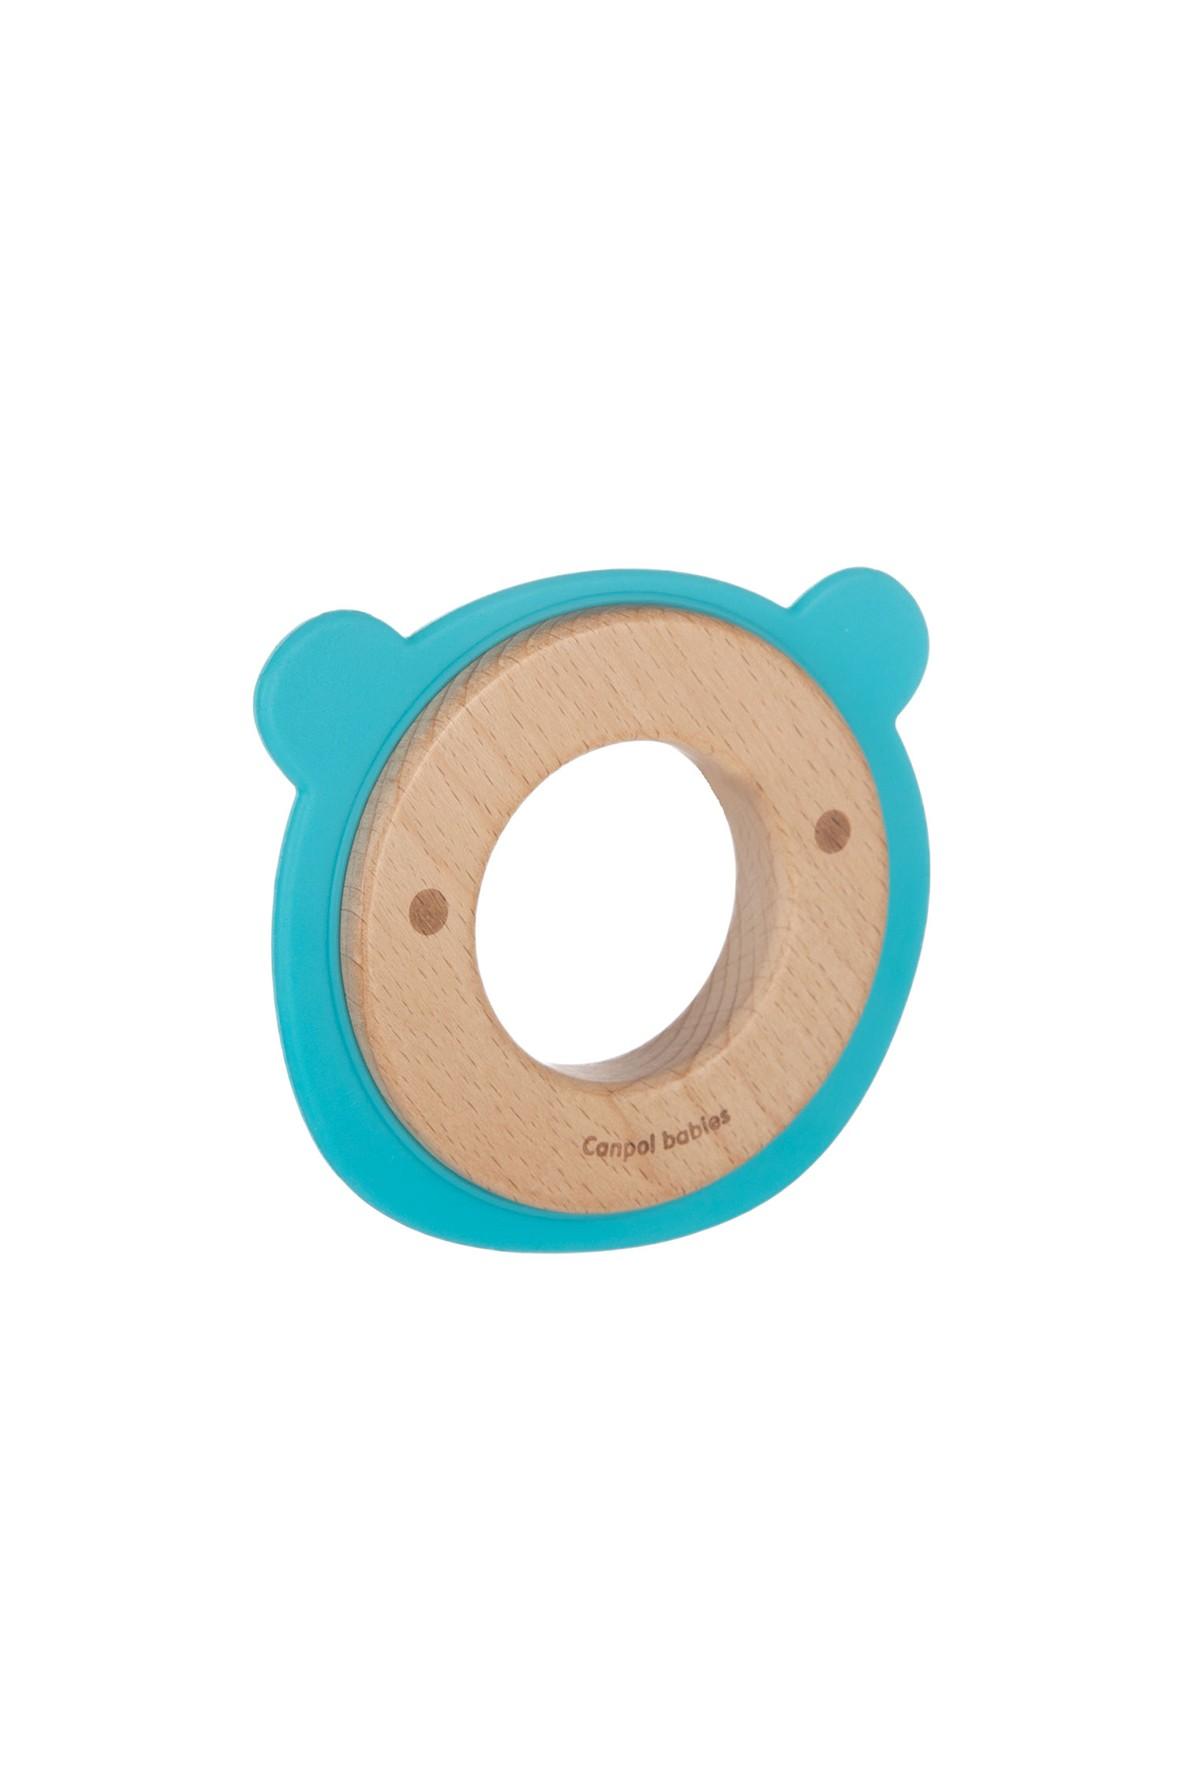 Canpol babies gryzak drewniano- silikonowy dla niemowląt MIŚ